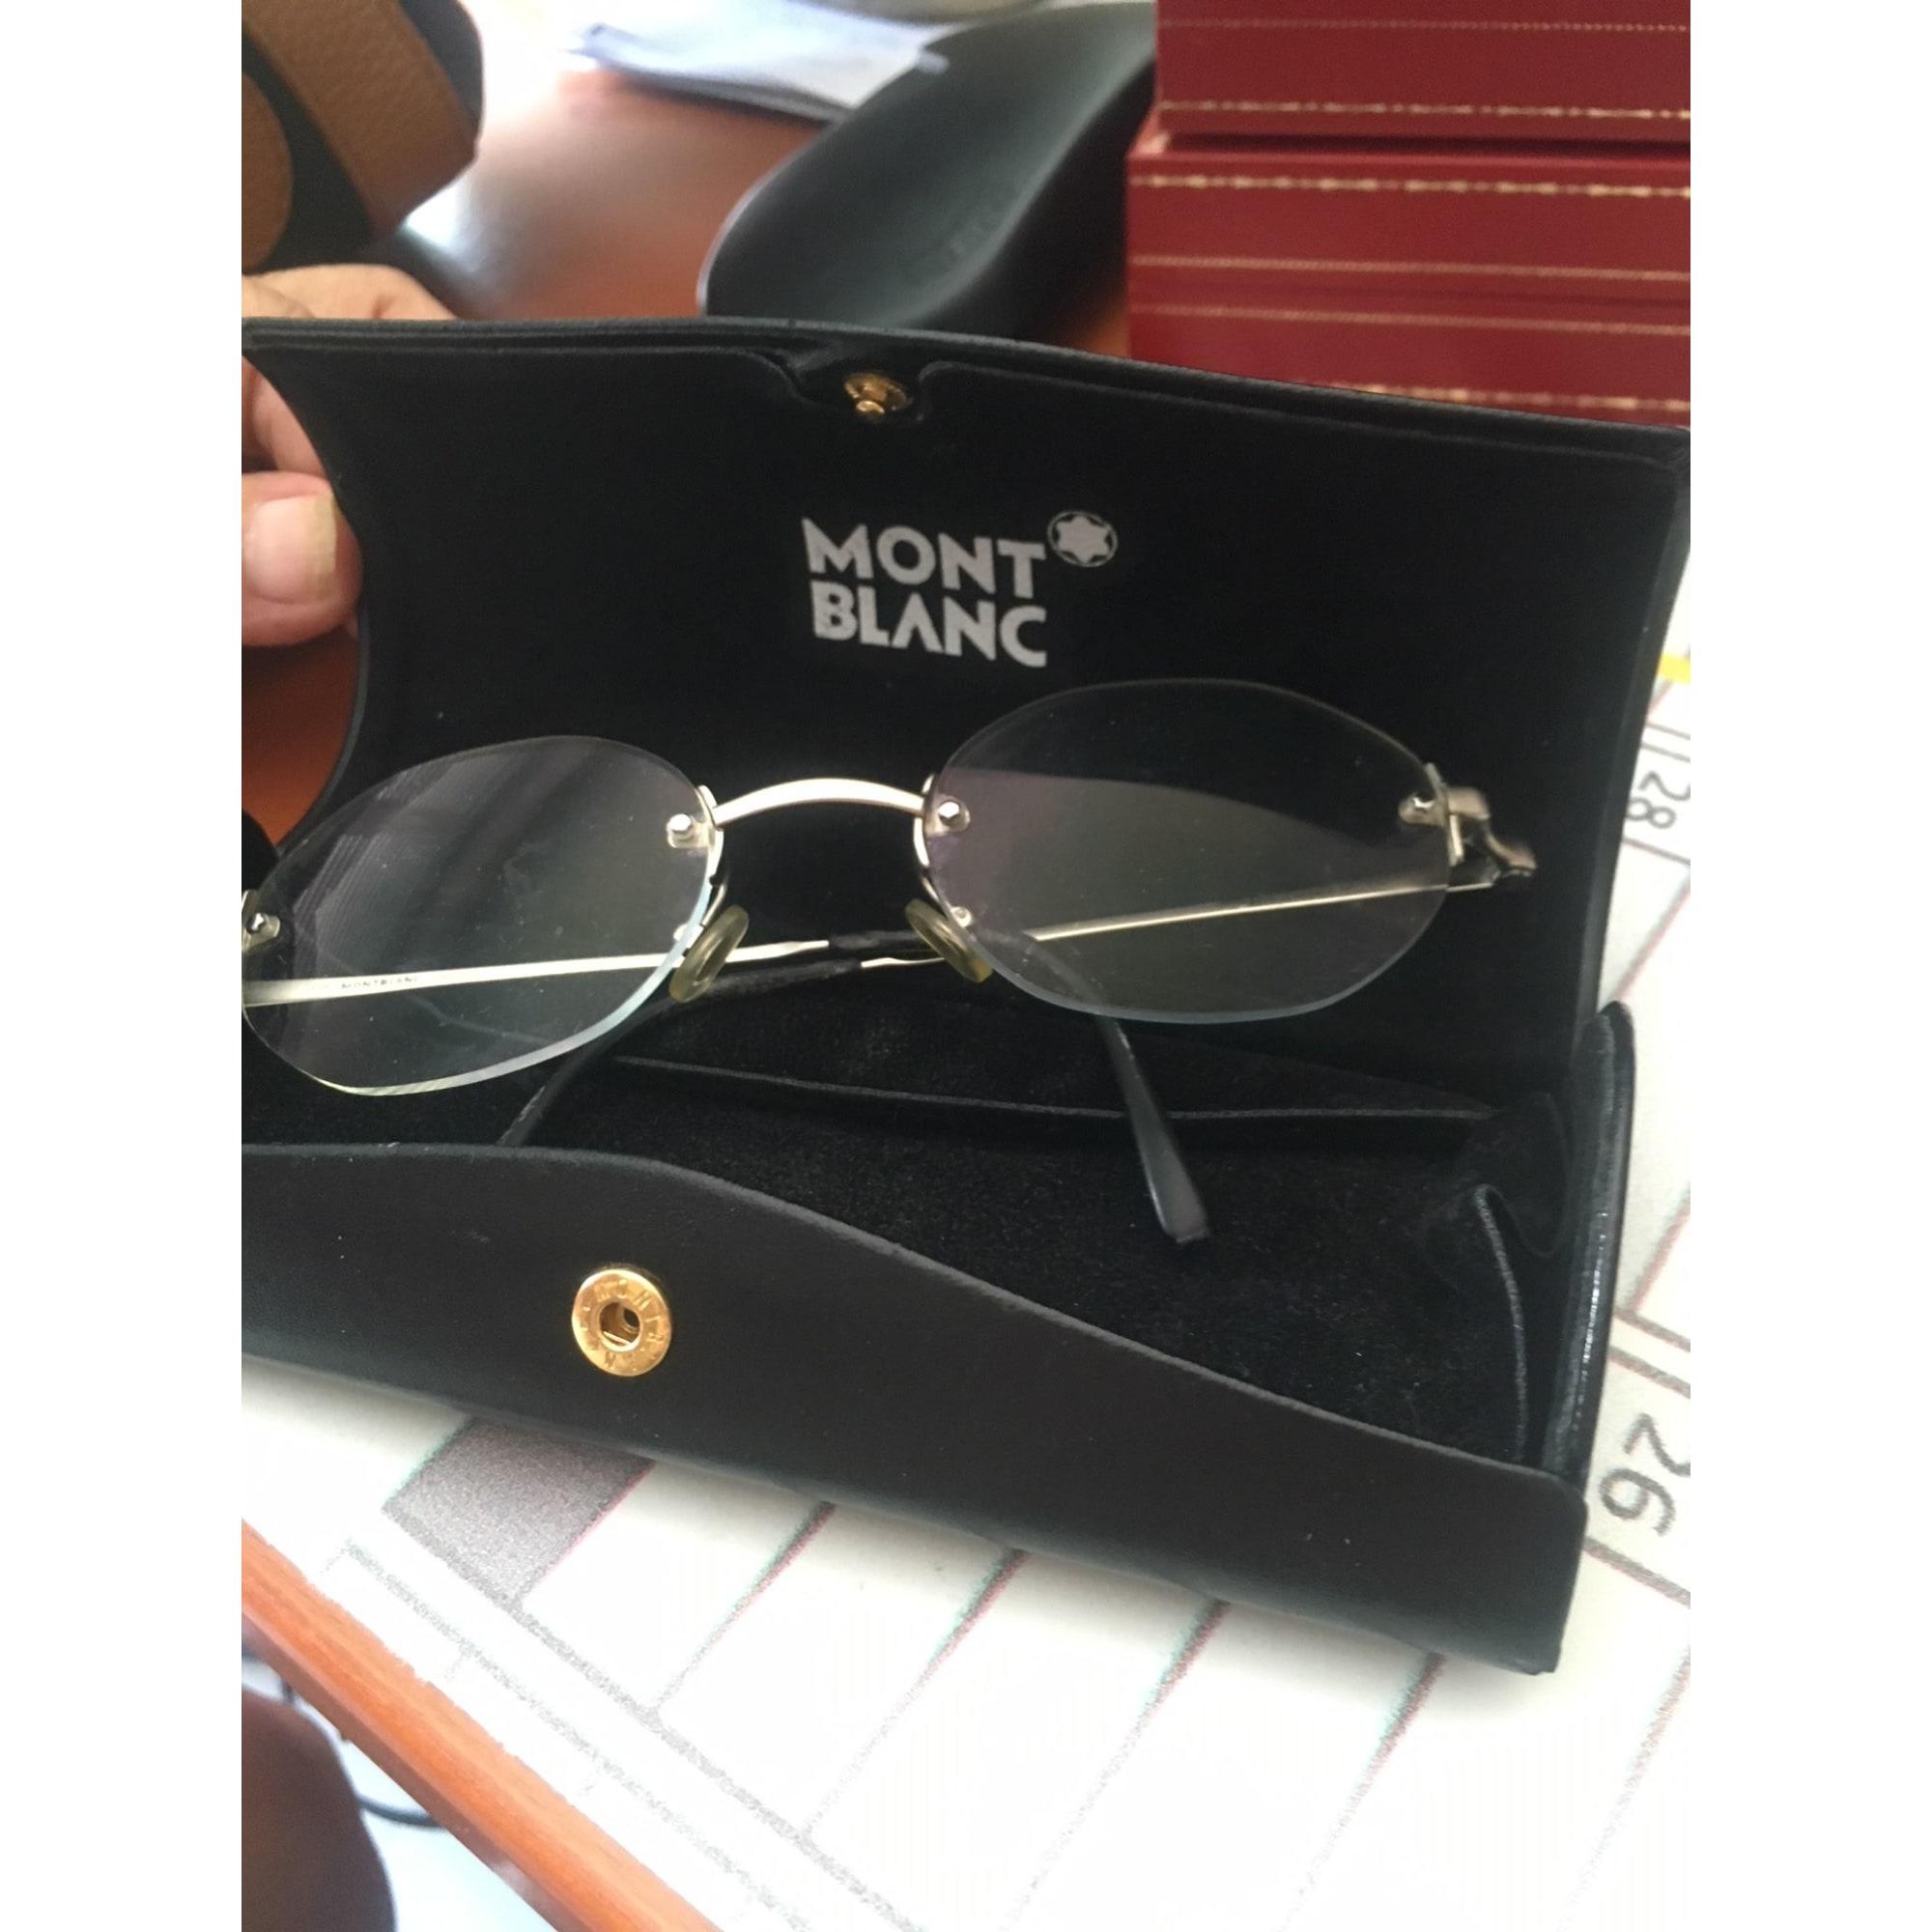 3309236f2c Monture de lunettes MONTBLANC argenté vendu par D'anita 23486074 ...